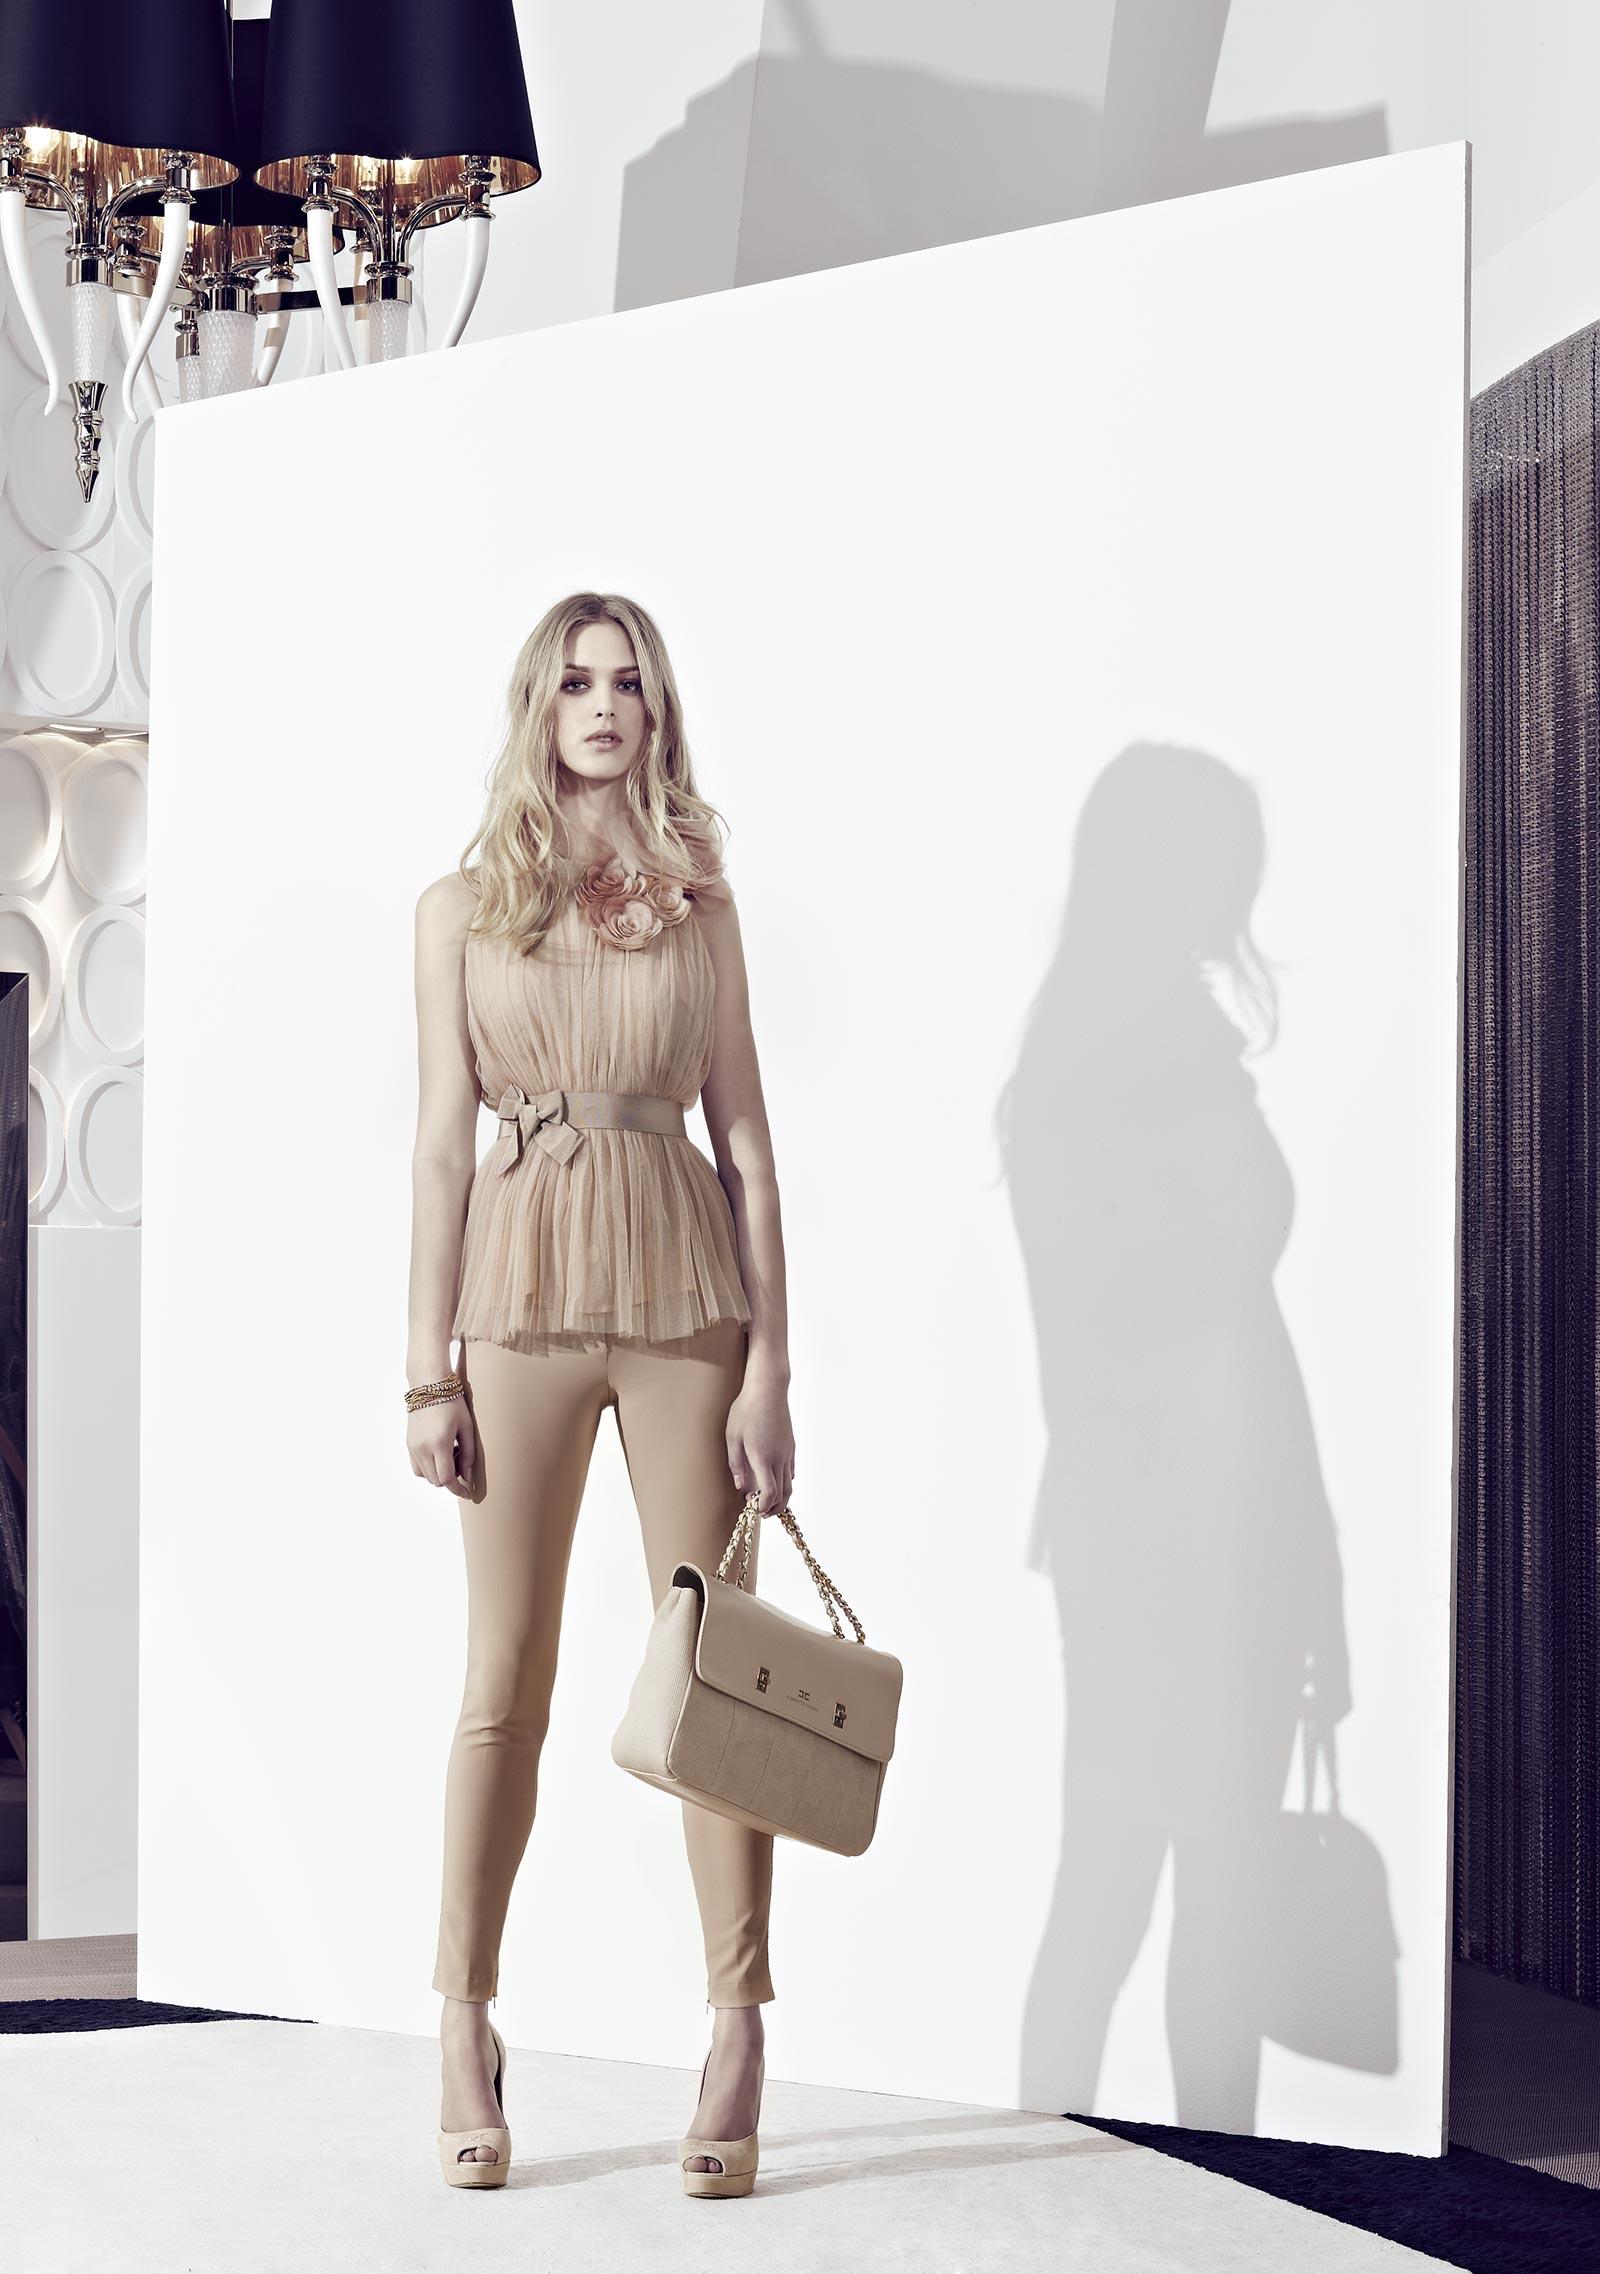 Celine Одежда Официальный Сайт